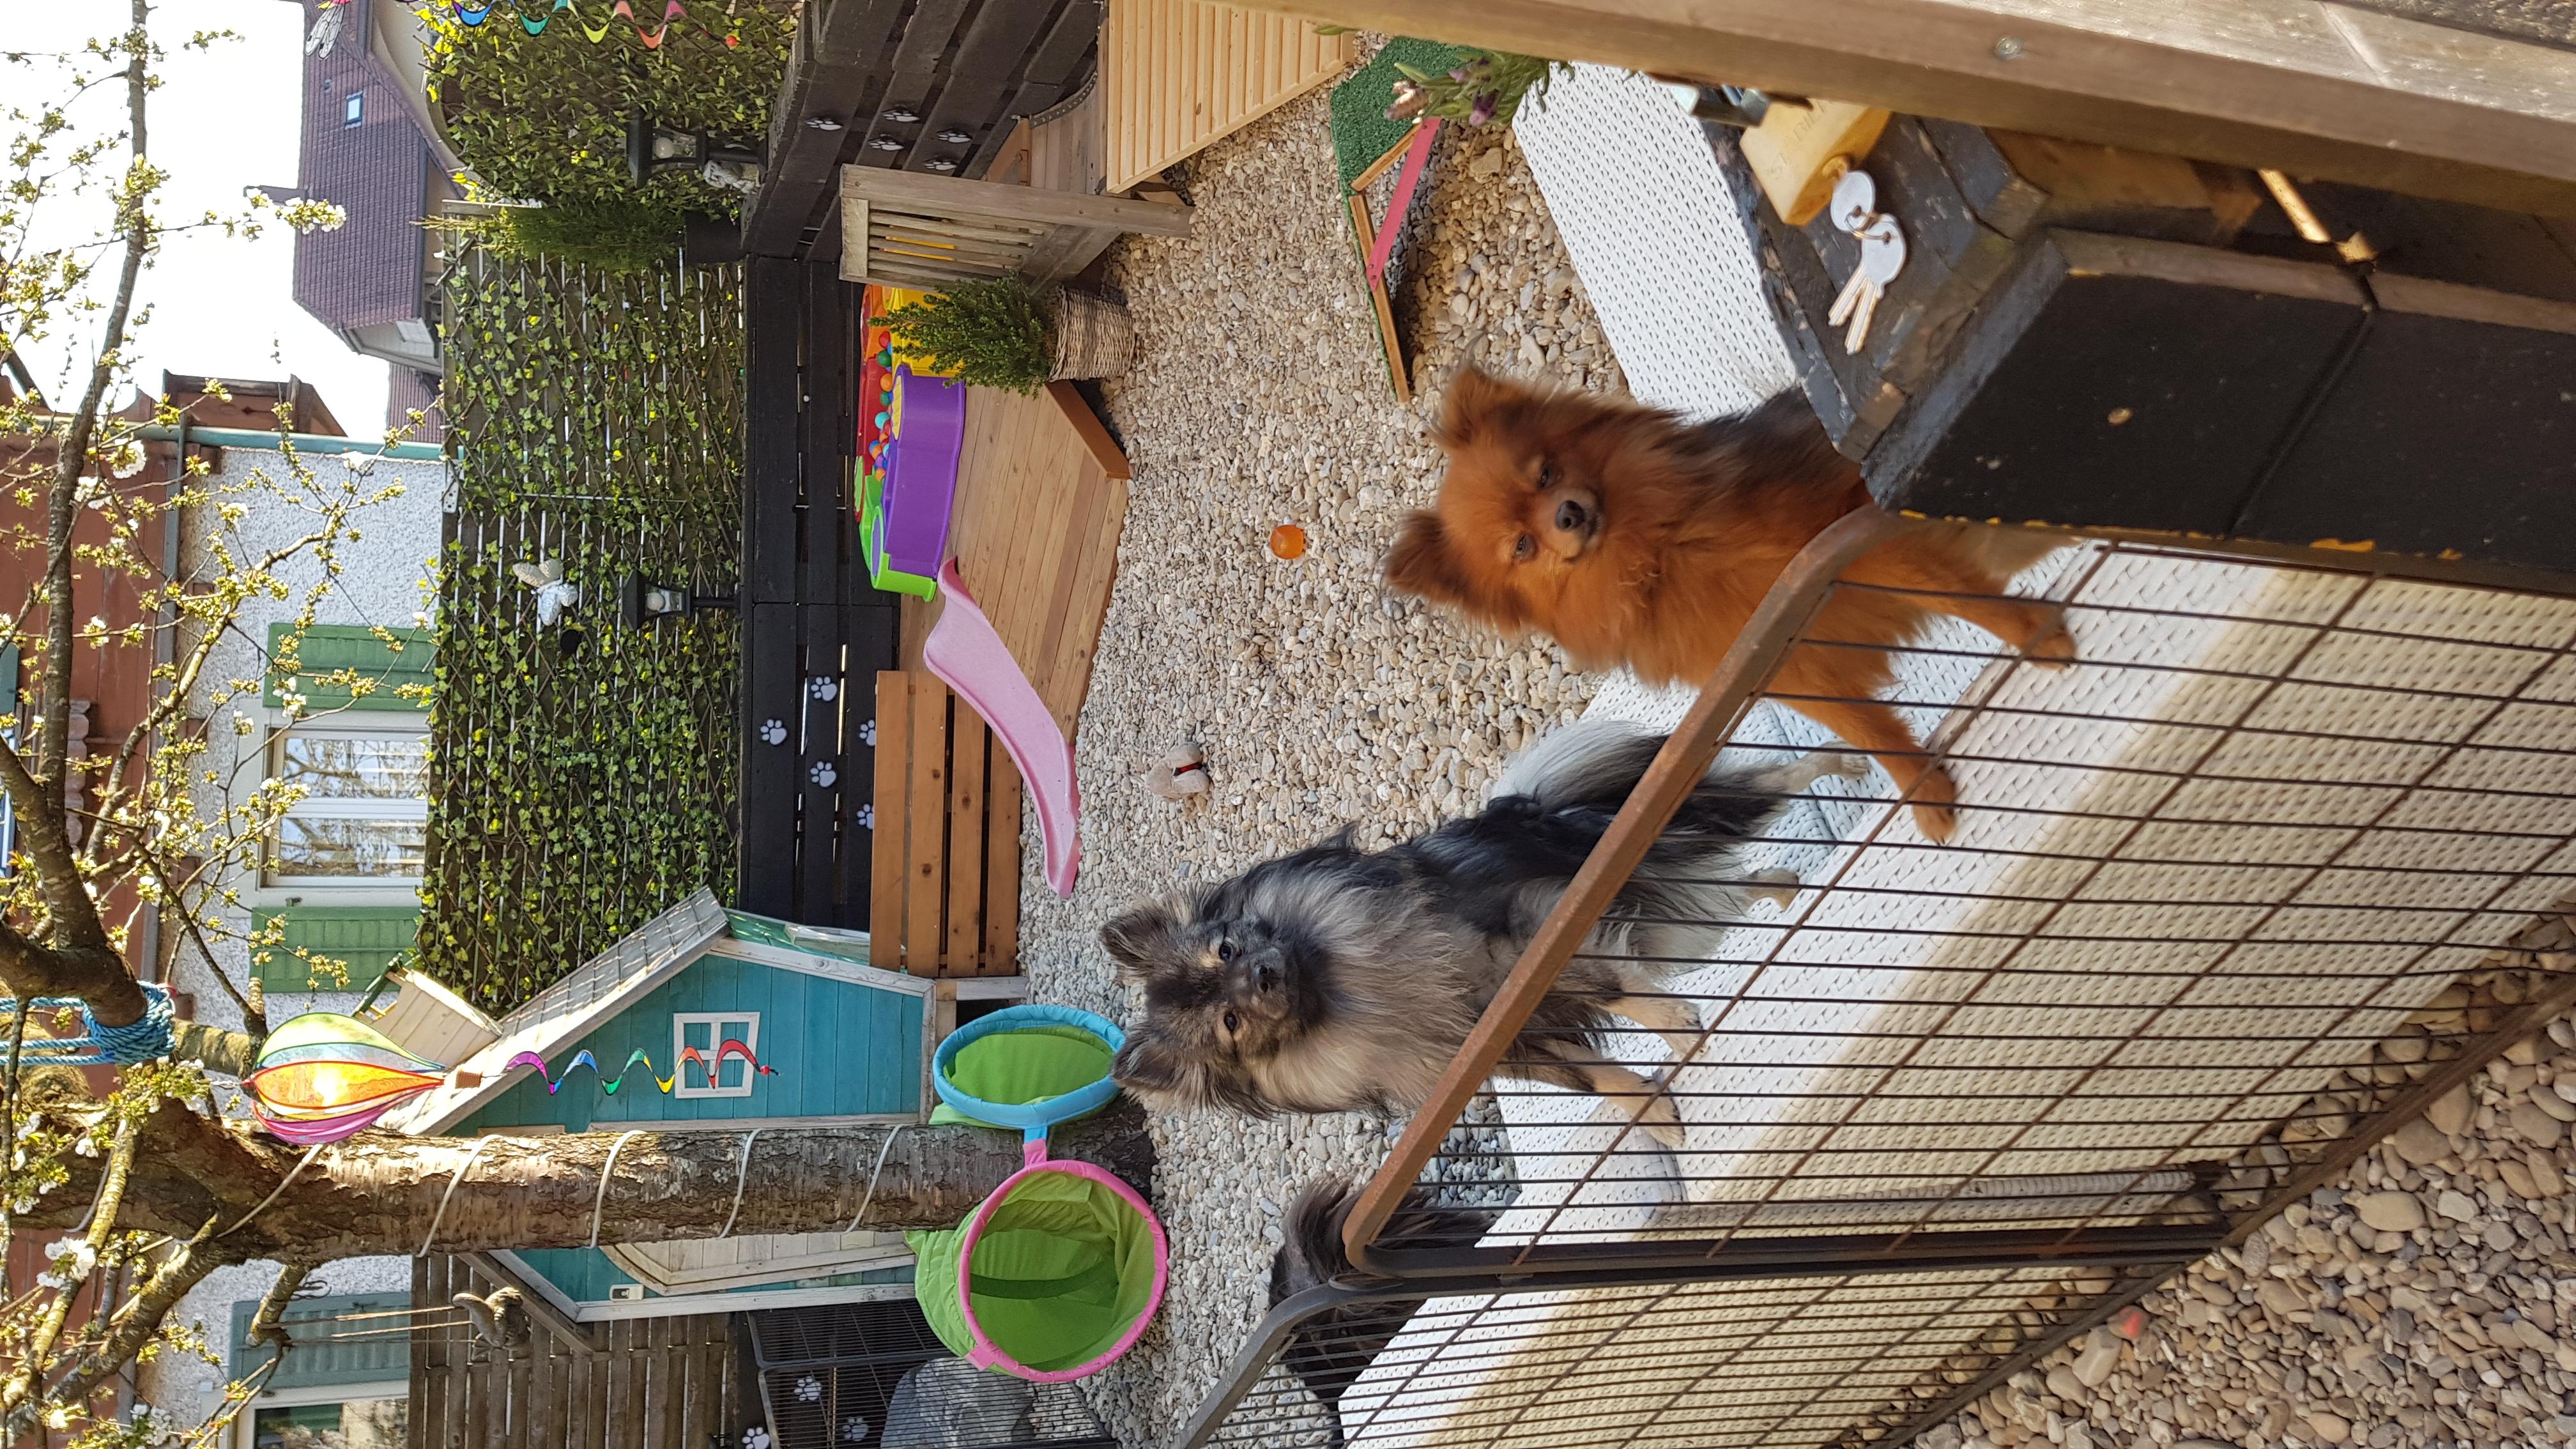 LIam und Chels im Garten.jpg